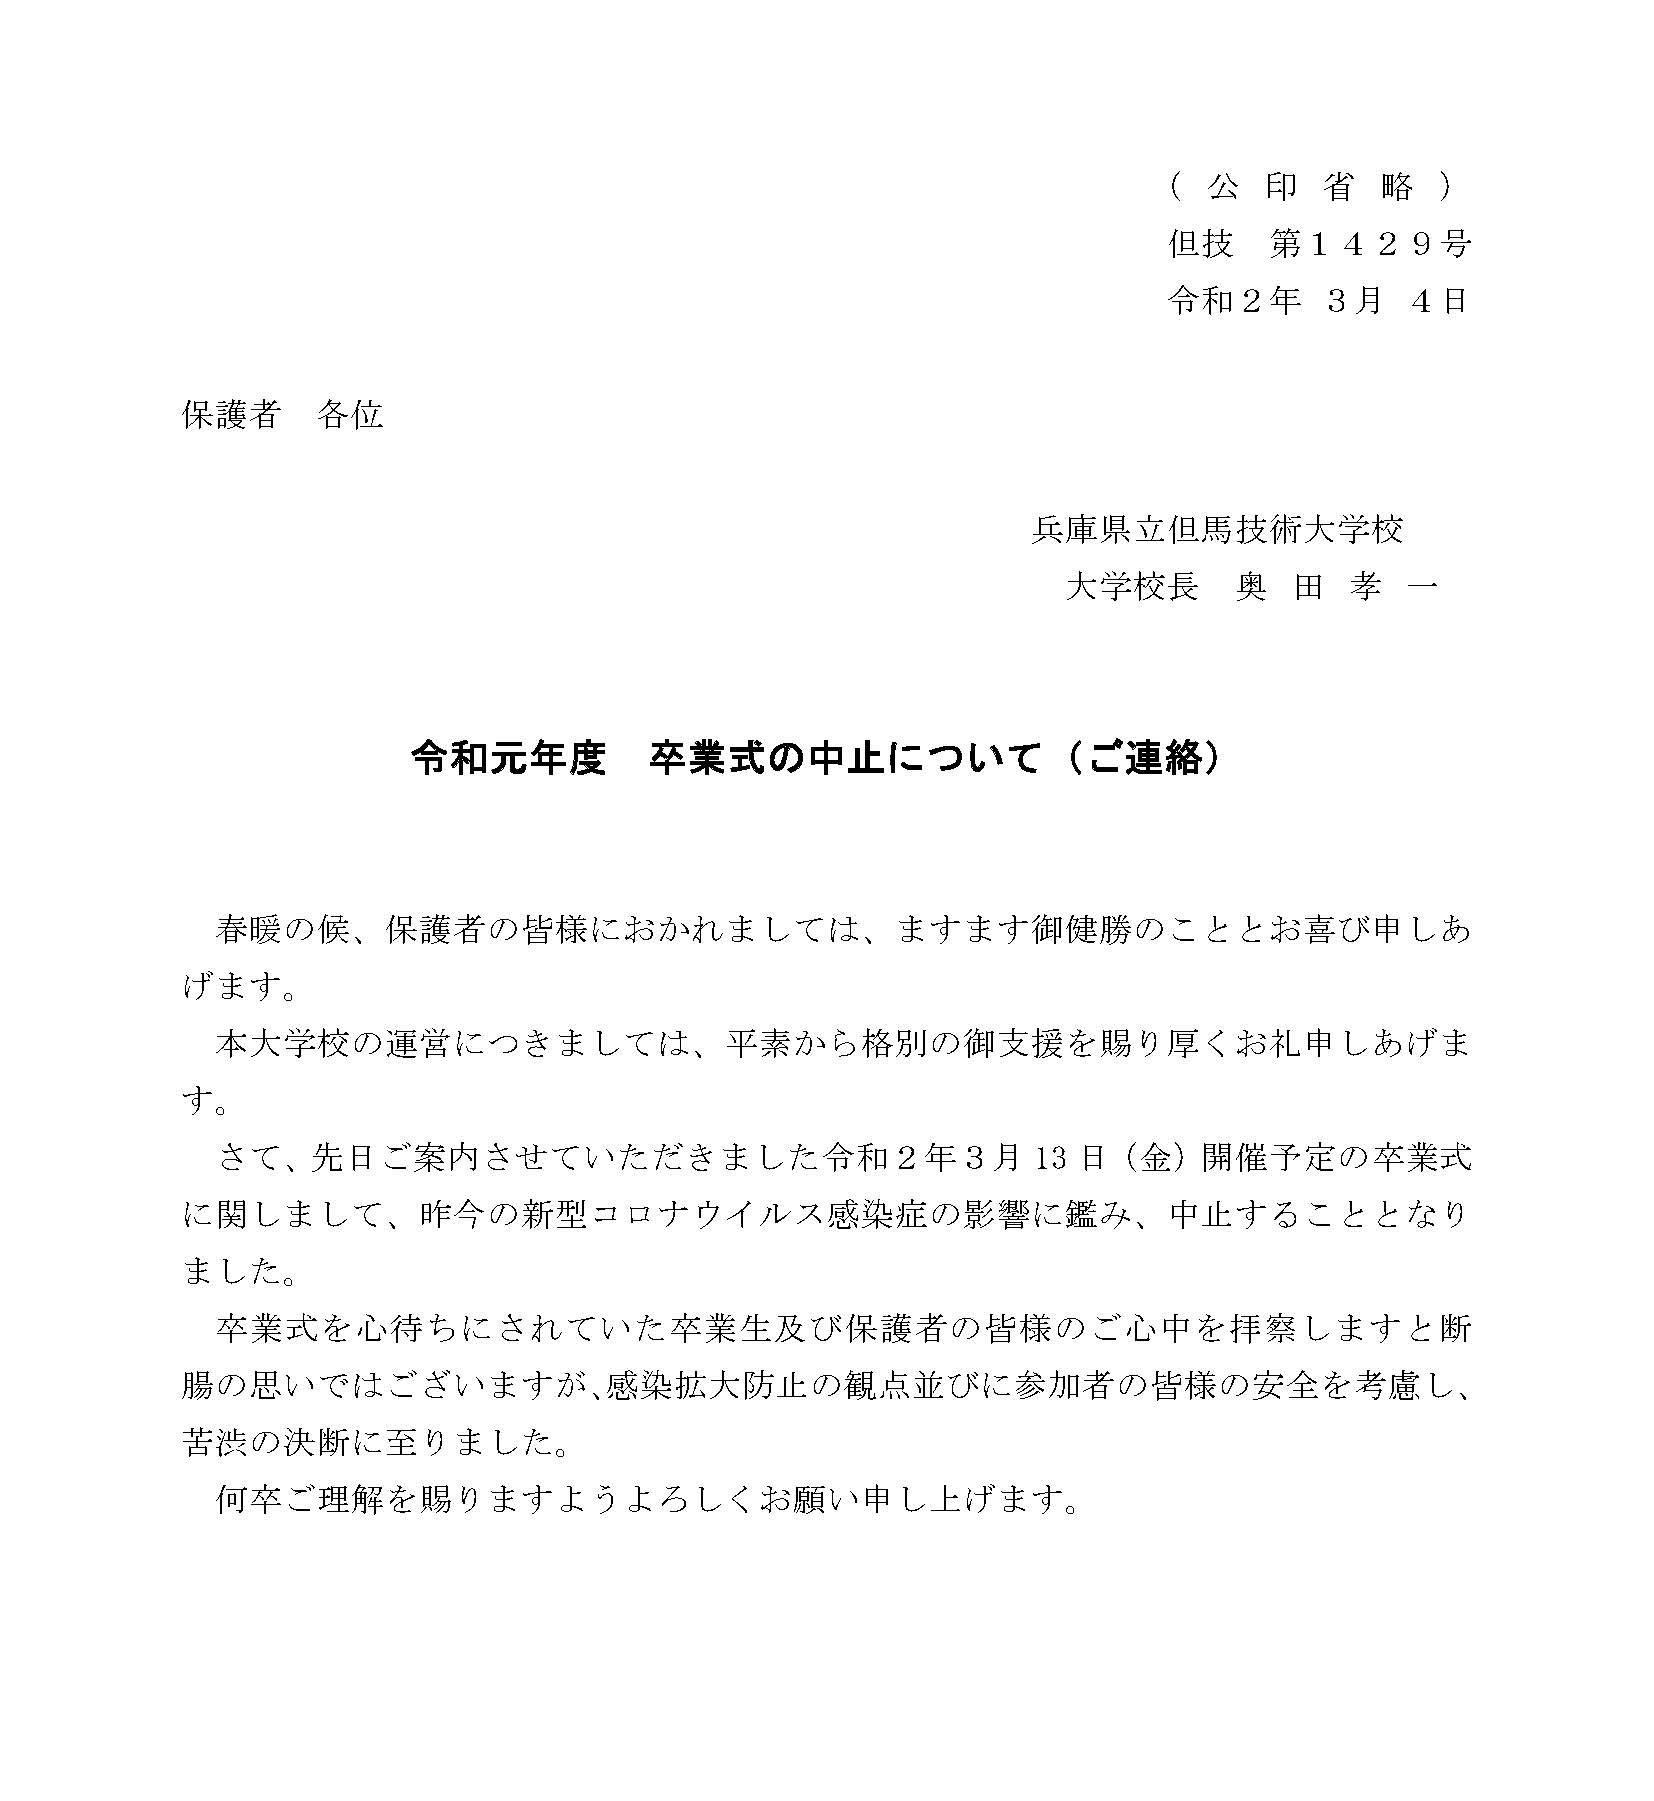 令和元年度 卒業式中止のお知らせ